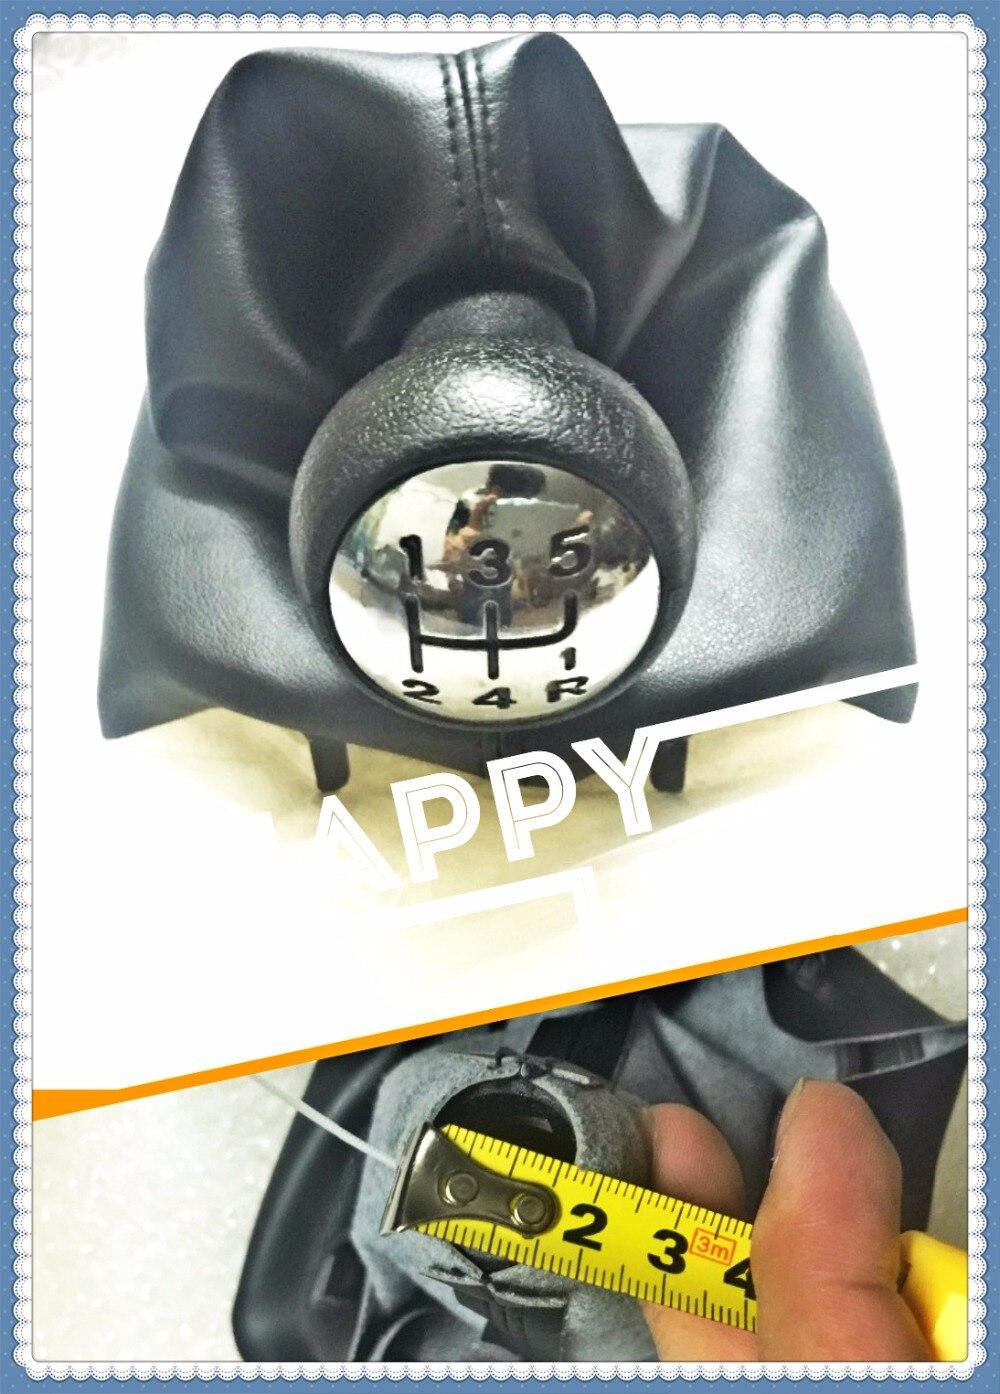 Nuovo Pomello del cambio Per Peugeot 206 306 307 308 3008 Per Citroen C2 C4 Picasso 5 Speed Gear Stick Pomello maniglia e tessuto